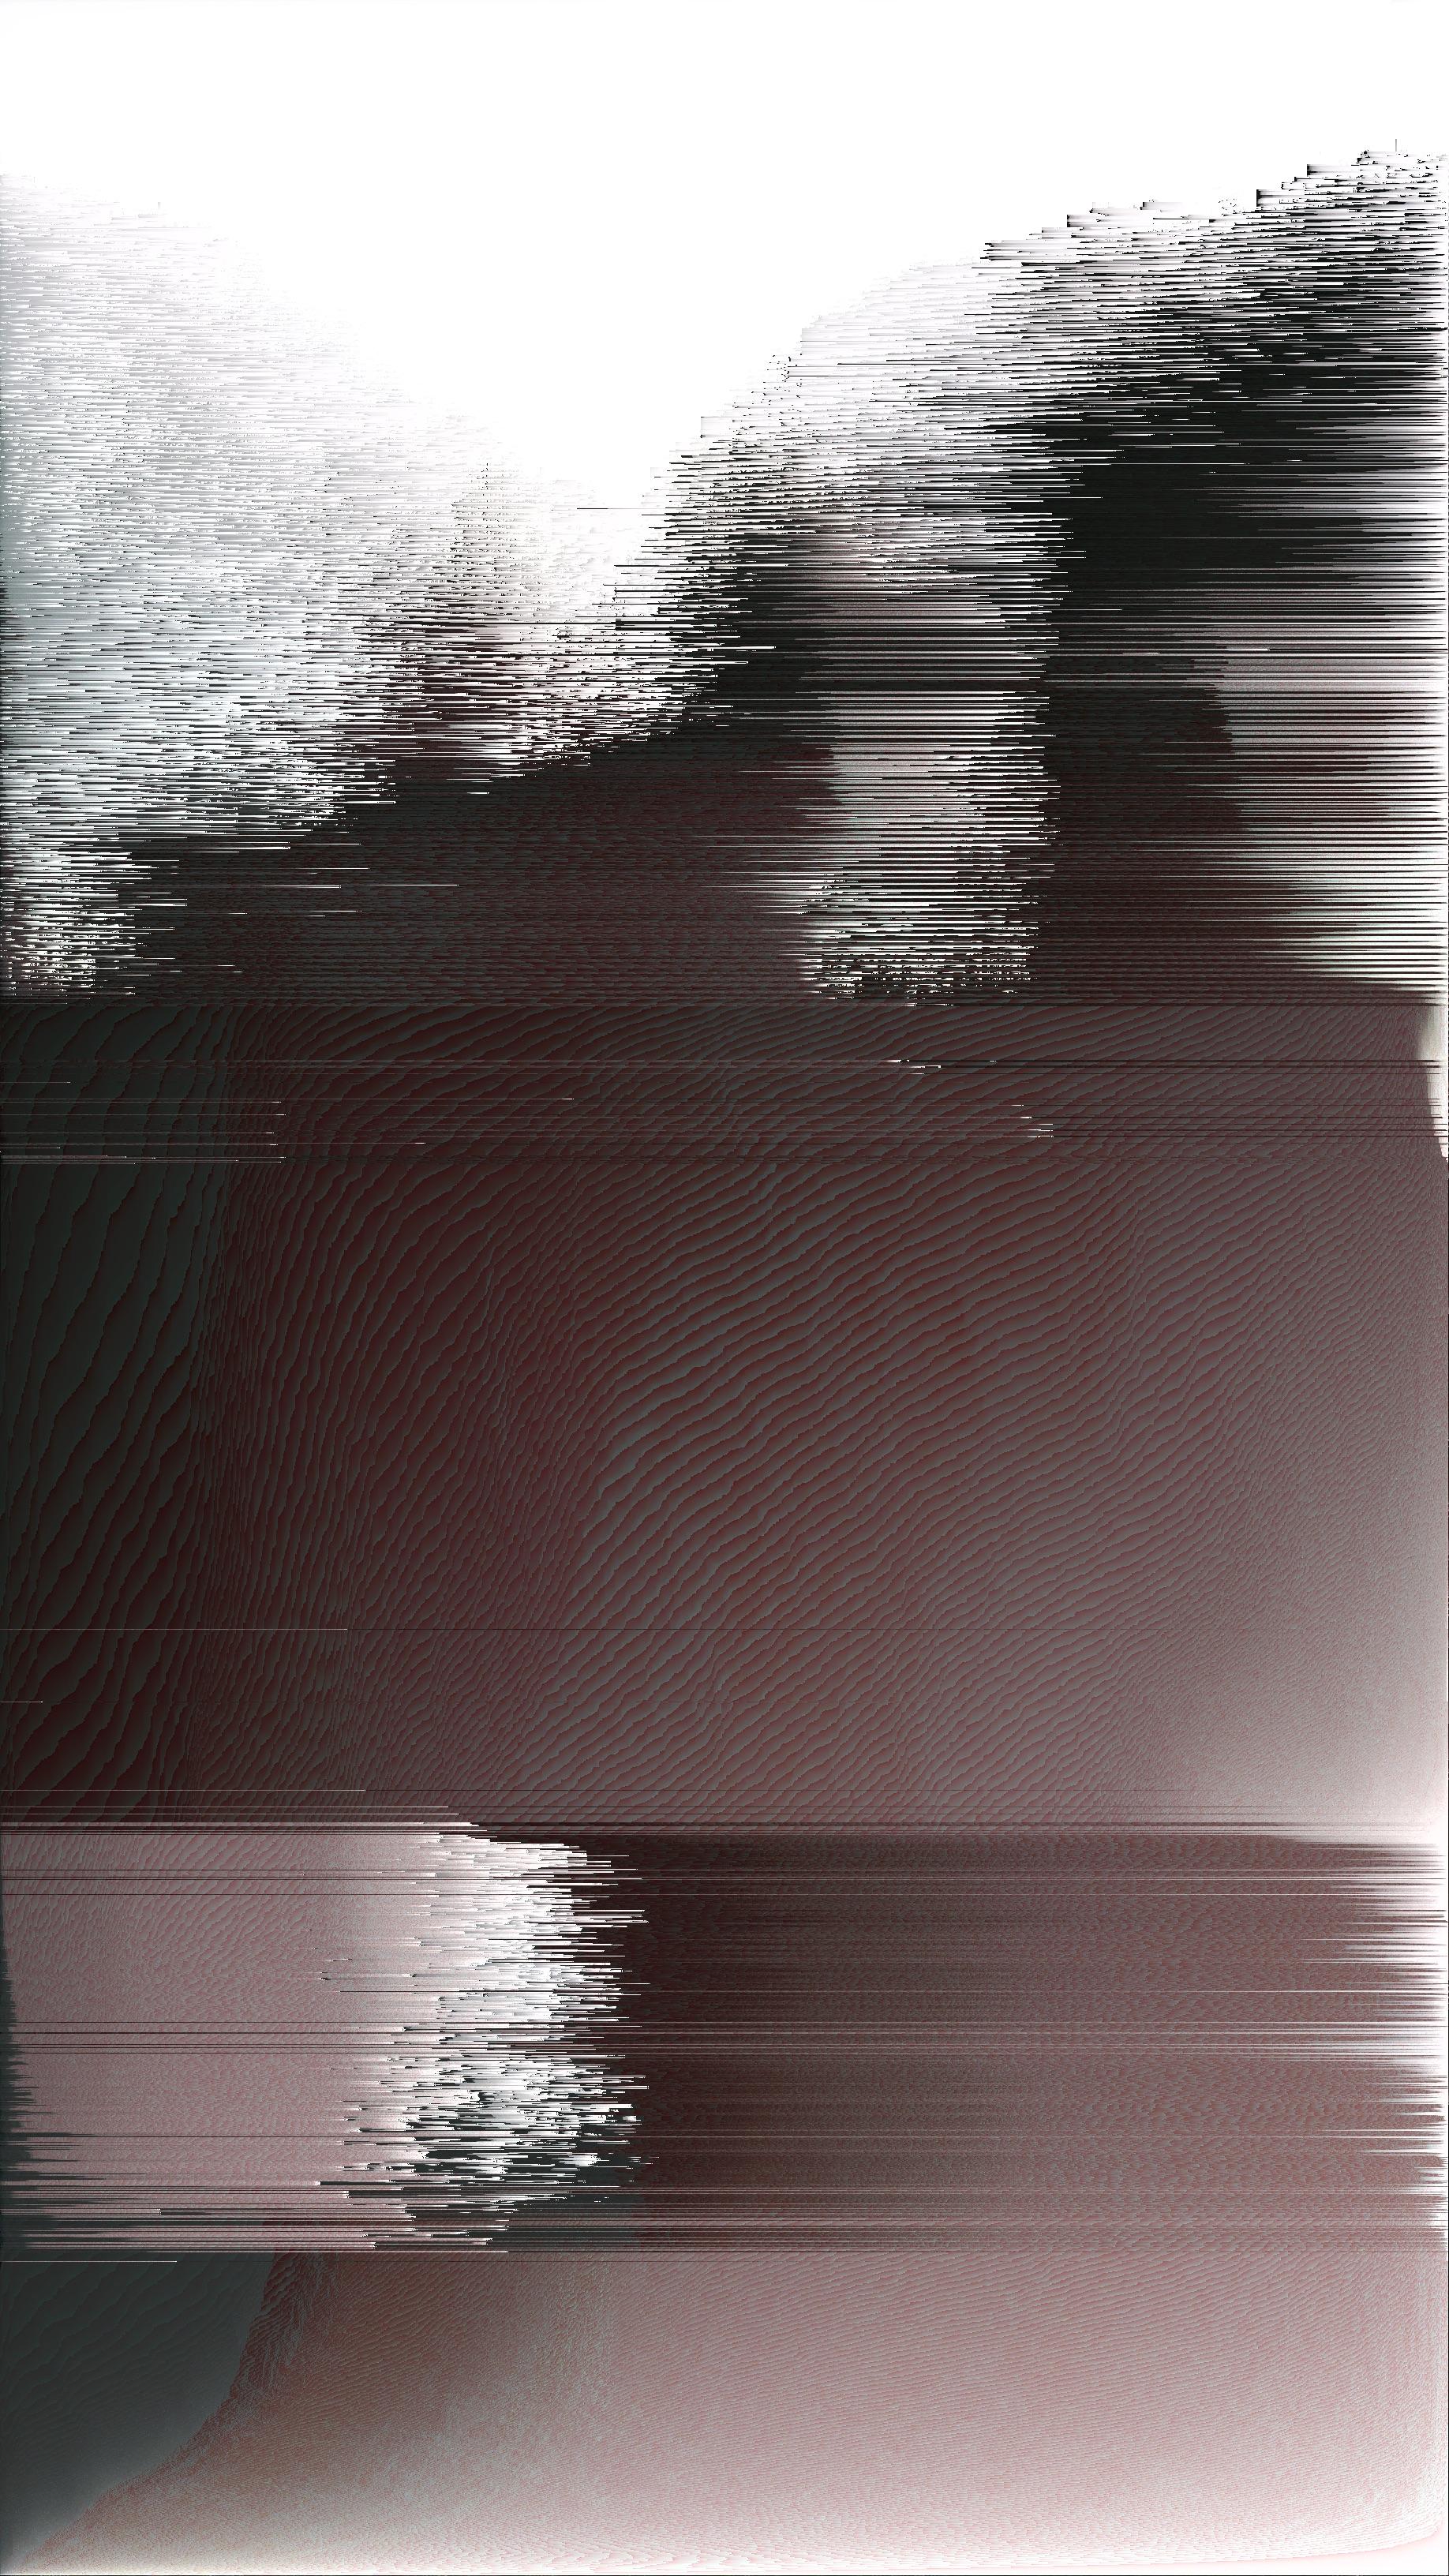 shad1_2_2_1